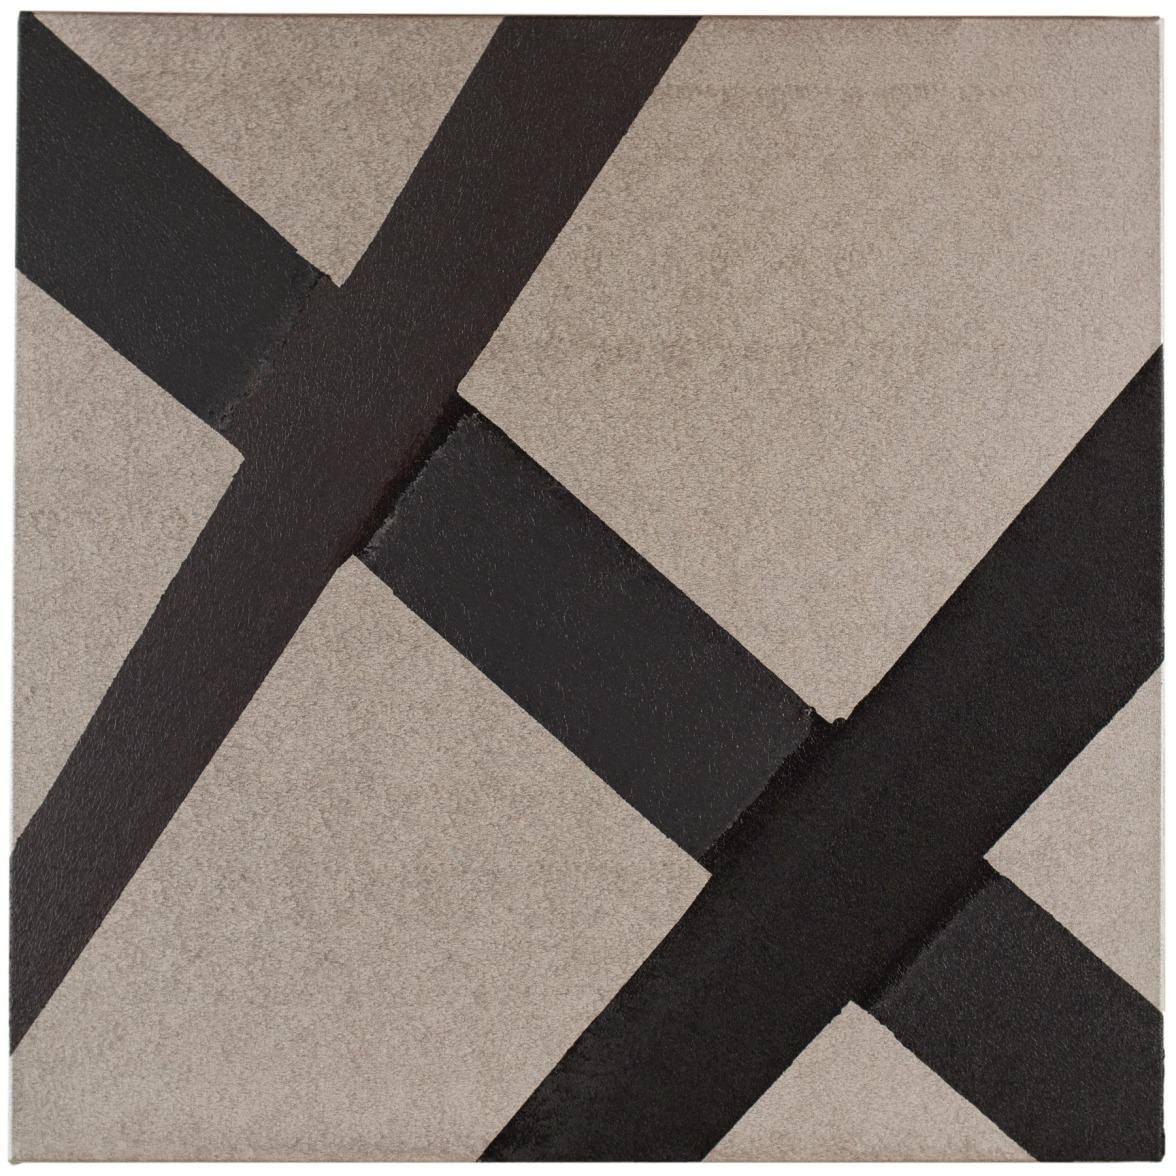 X-ING GreYoS 1/2 2014 36x36 in